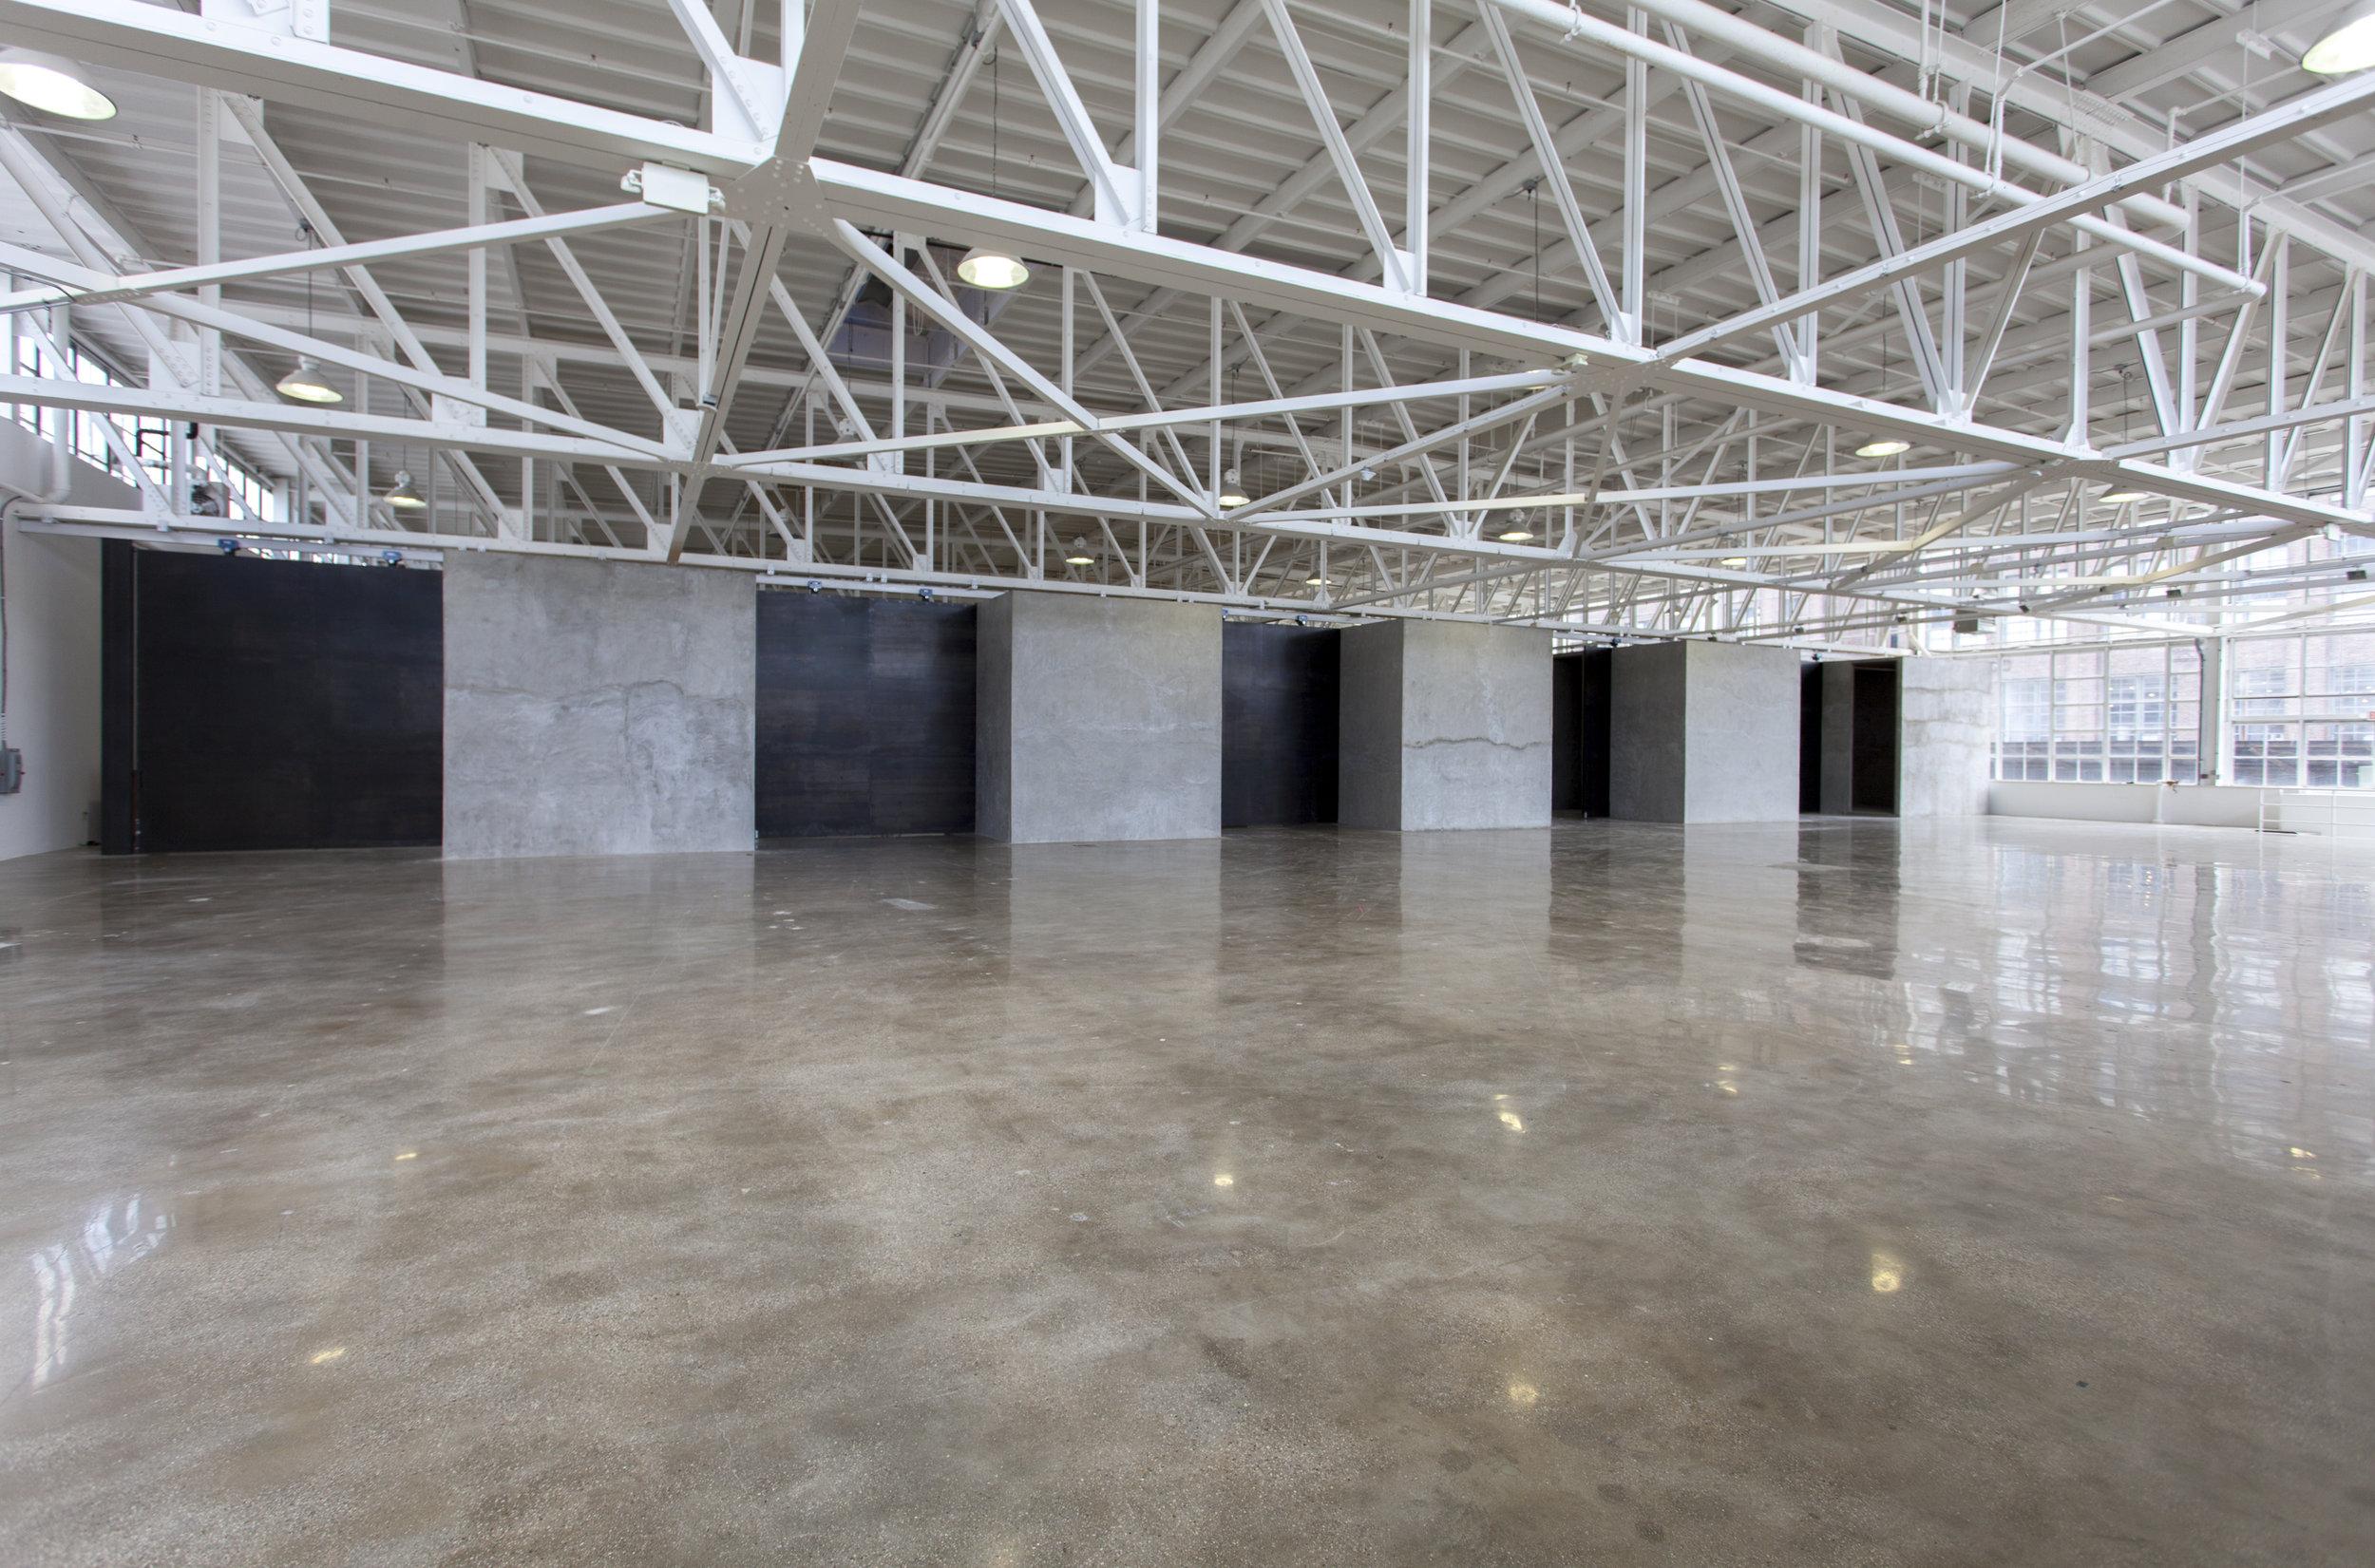 Glass House, Mana Contemporary, 2016